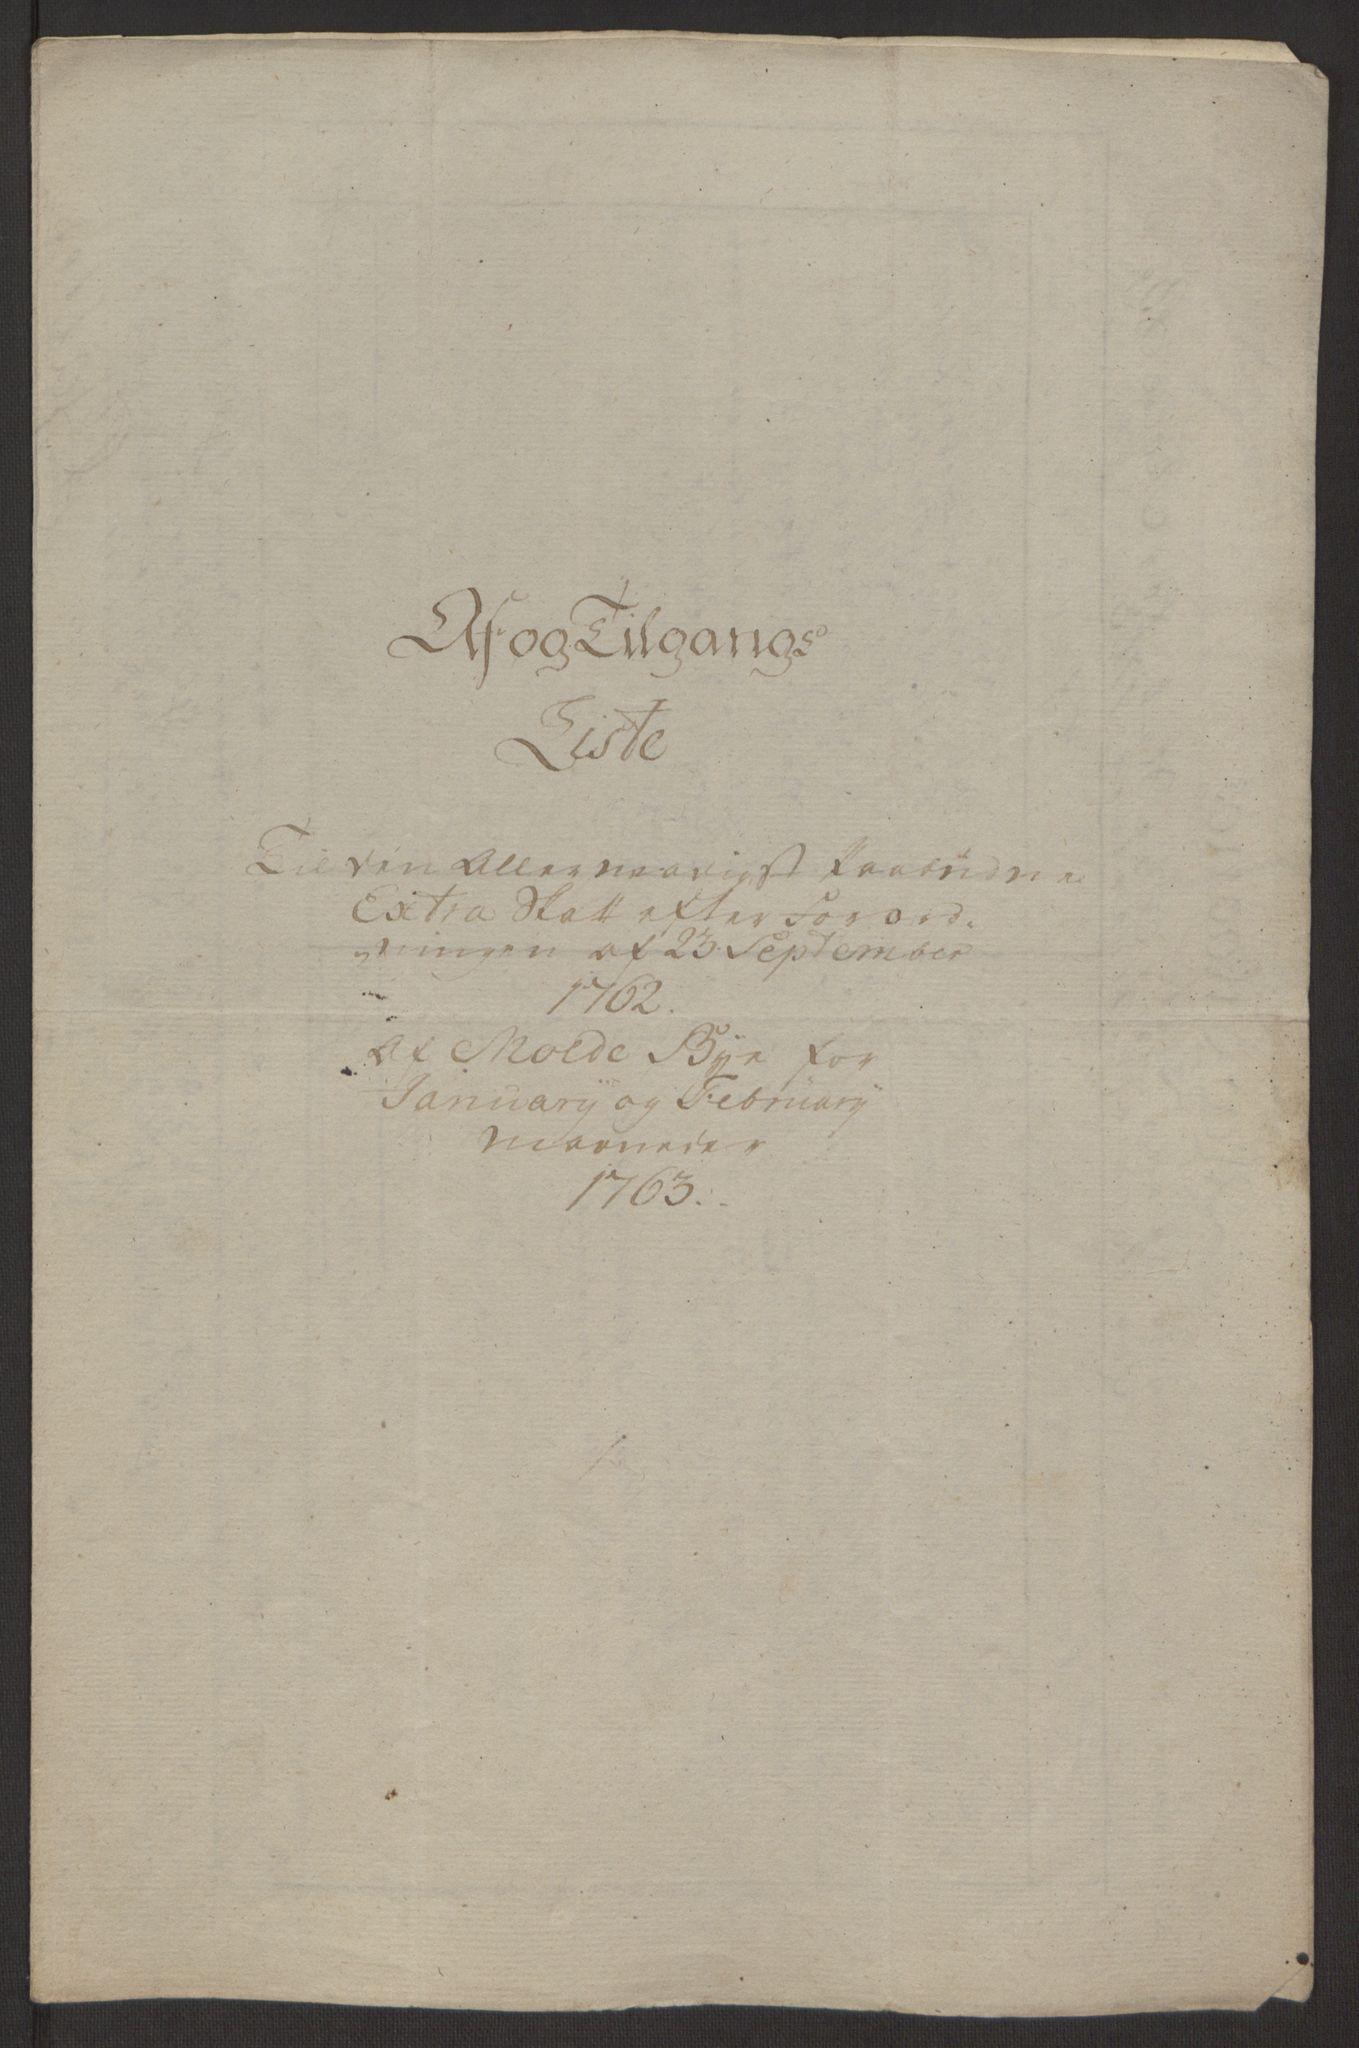 RA, Rentekammeret inntil 1814, Reviderte regnskaper, Byregnskaper, R/Rq/L0487: [Q1] Kontribusjonsregnskap, 1762-1772, s. 40